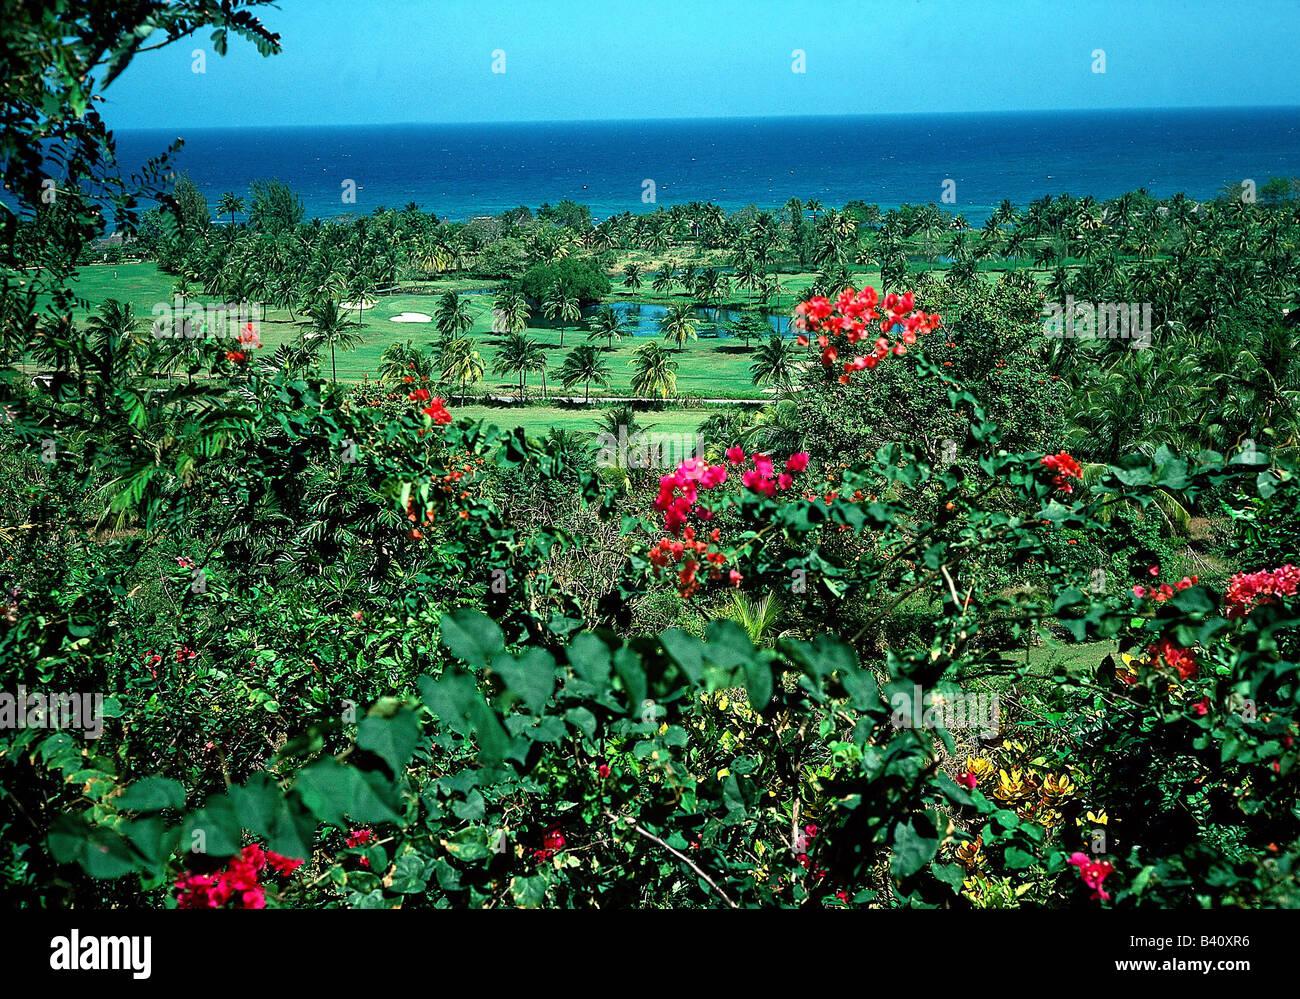 Geography Travel Jamaica Landscape Landscapes Flourishing